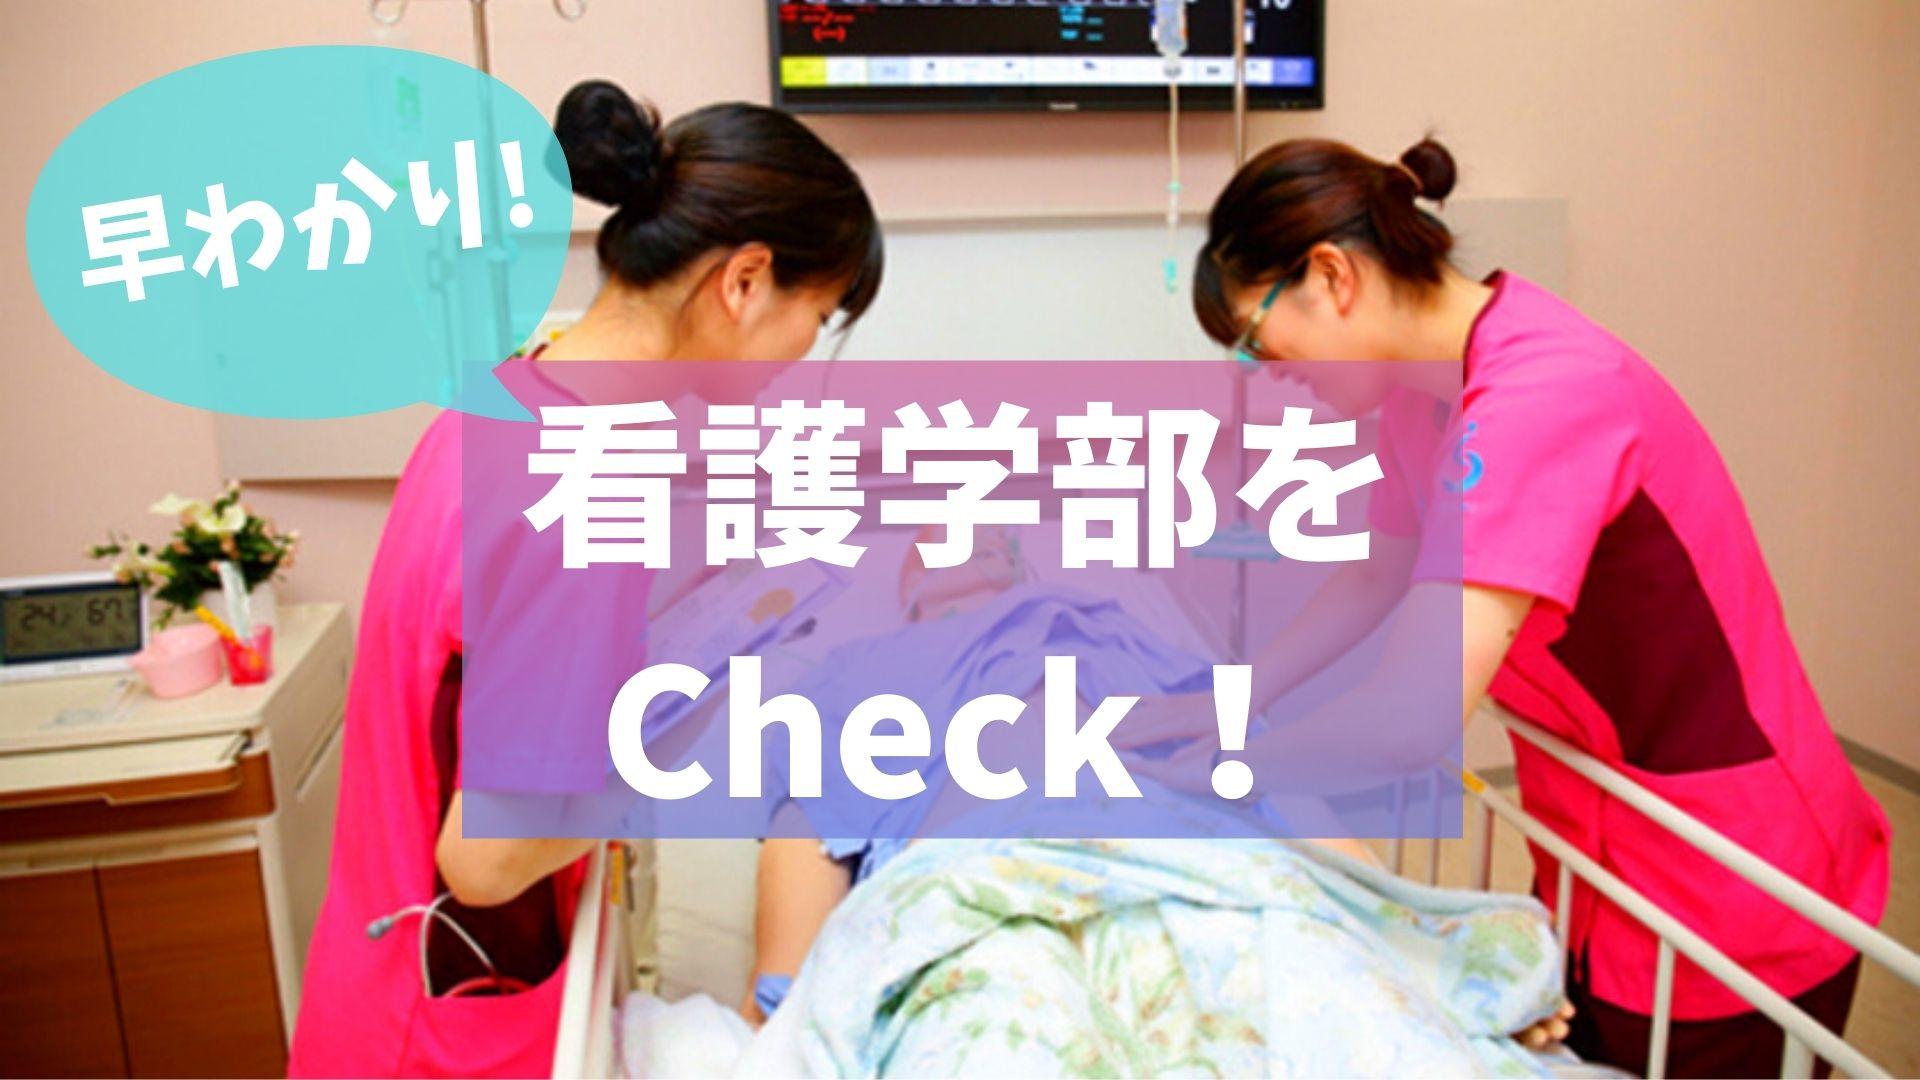 聖徳大学看護学部の5つの魅力に迫る!早わかりをcheck!